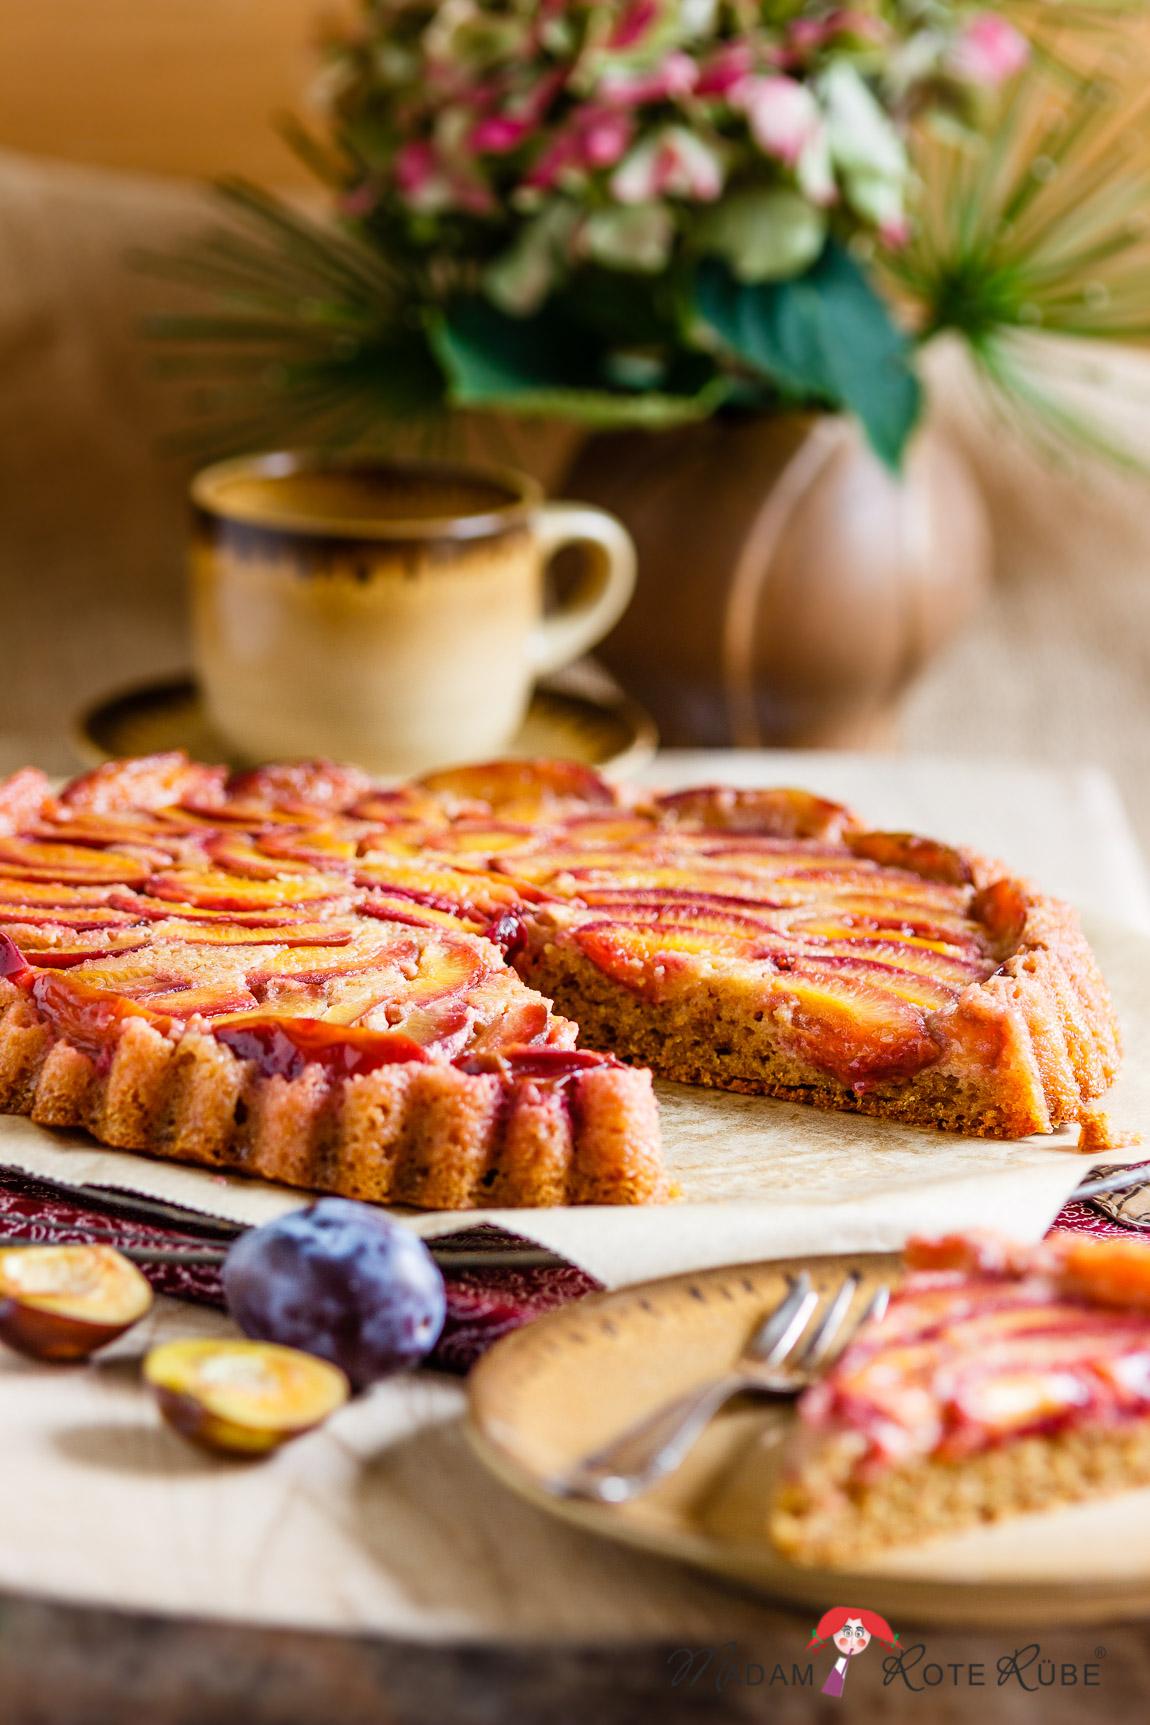 Madam Rote Rübe - gestürzter Honig-Pflaumenkuchen mit Dinkelvollkorn